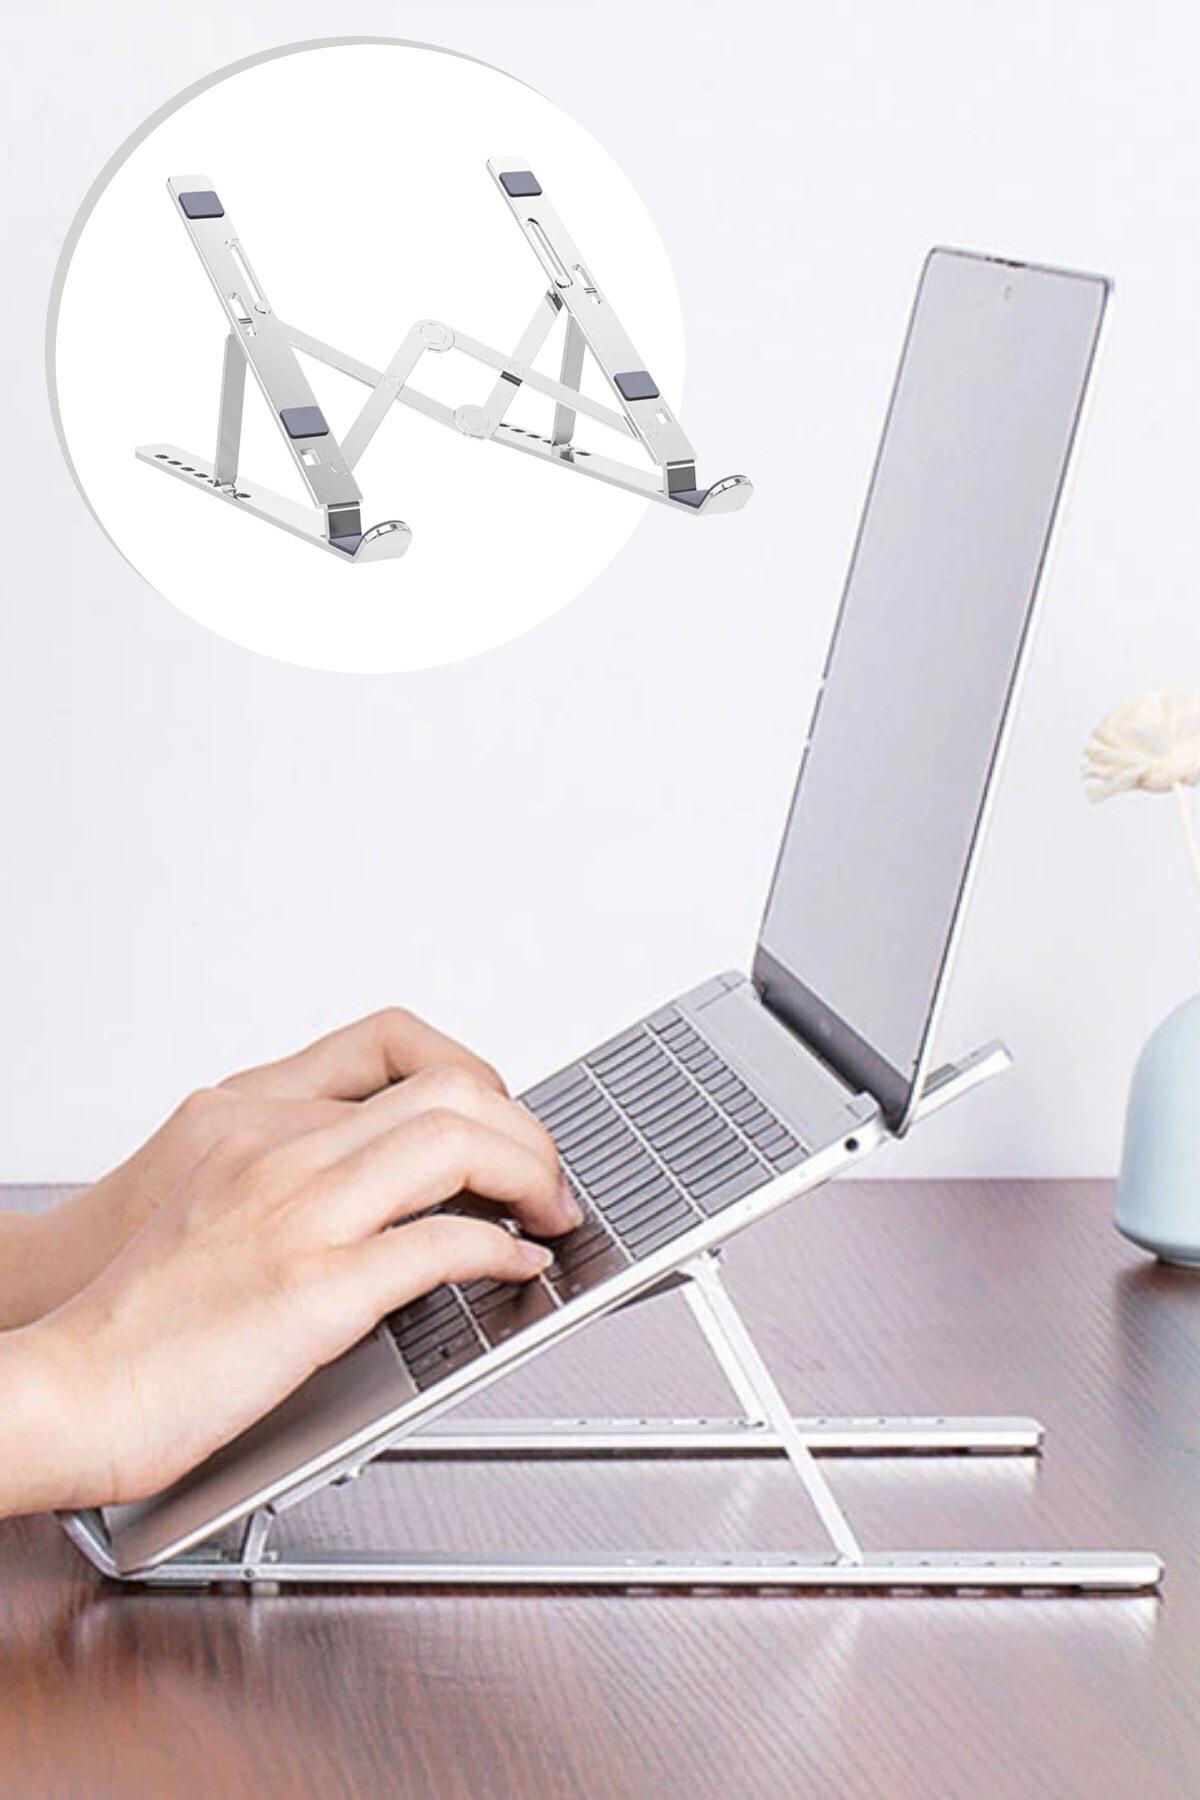 Buffer Metal Ayarlanabilir Dizüstü Destek Tabanı Tamamen Katlanabilir Taşınabilir Laptop Yükseltici 1